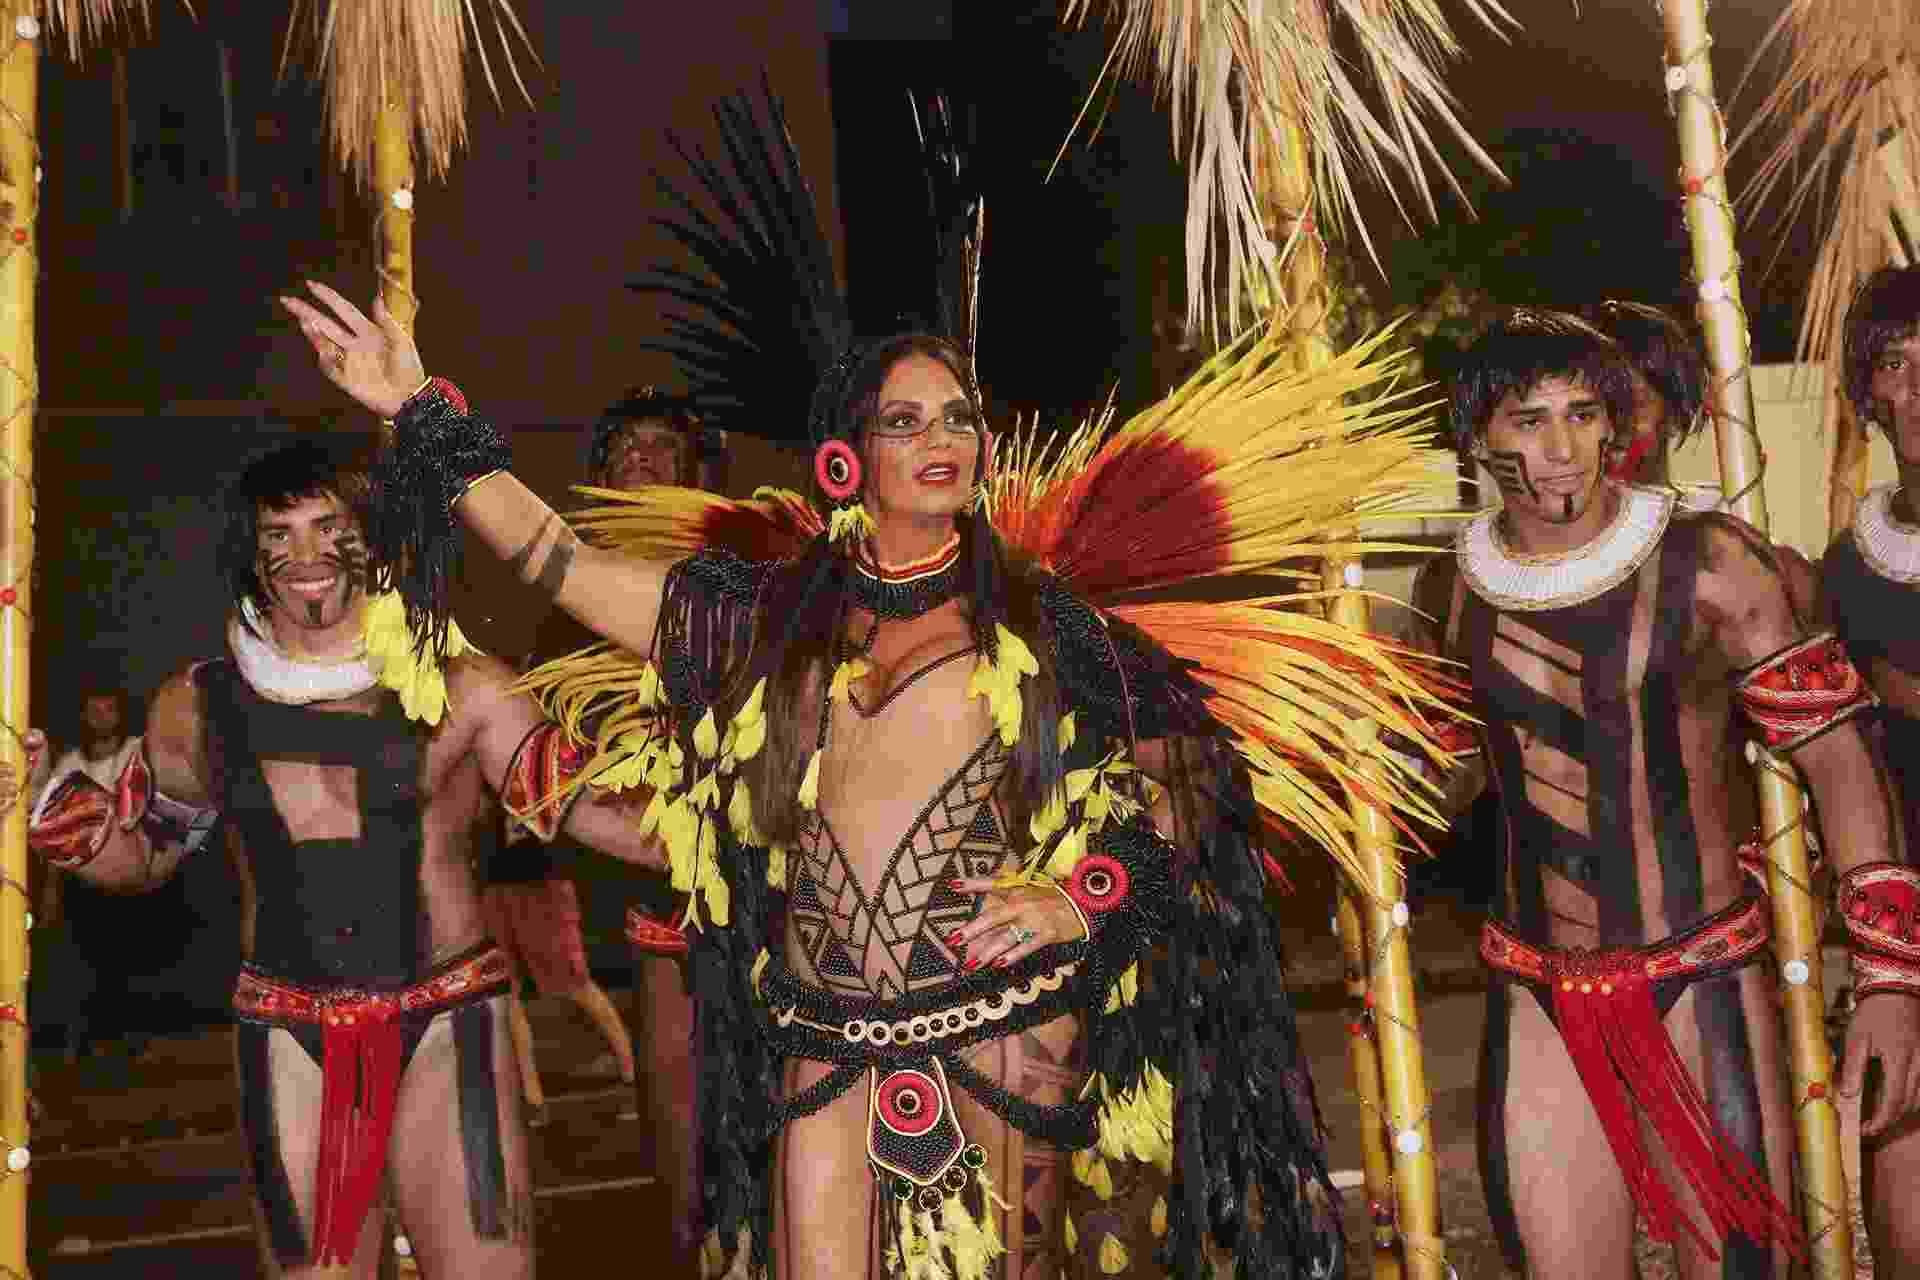 """Vestida de índia, a musa Luiza Brunet se prepara para entrar na avenida com a Imperatriz Leopoldinense, que levará para a Sapucaí o enredo """"Xingu, o clamor que vem da floresta"""" - iwi Onodera/UOL"""